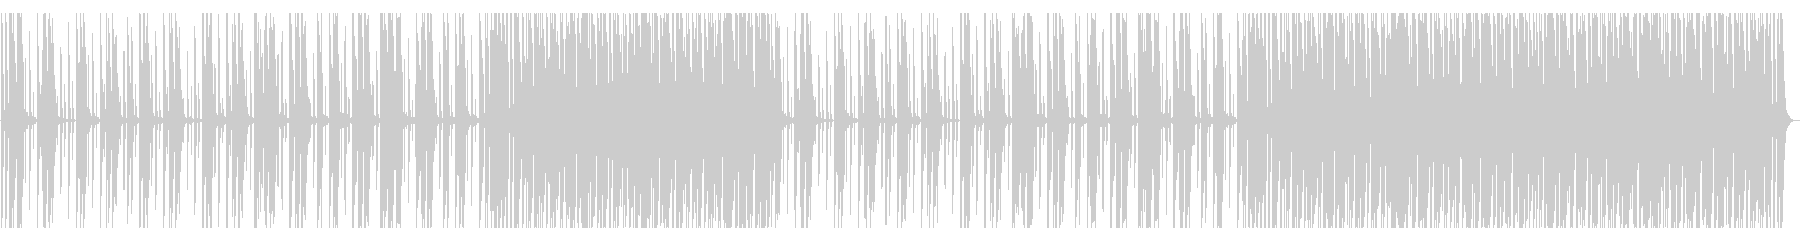 単調なテクノの未再生の波形